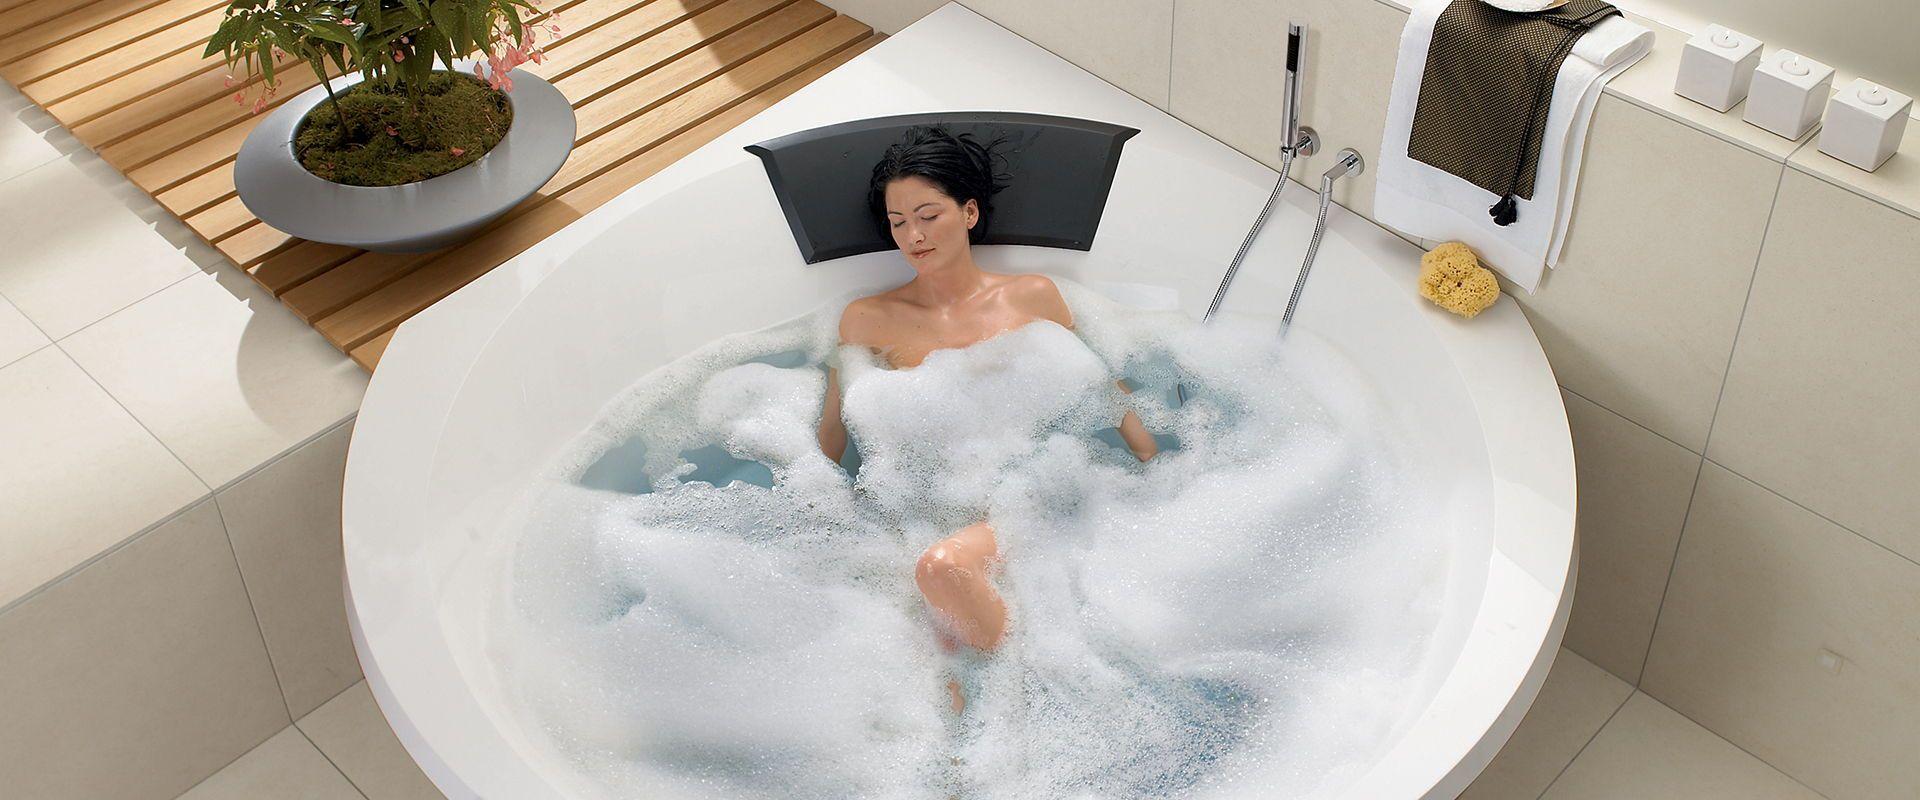 So Viel Kostet Dein Traumbad Grosse Badewanne Neues Bad Bad